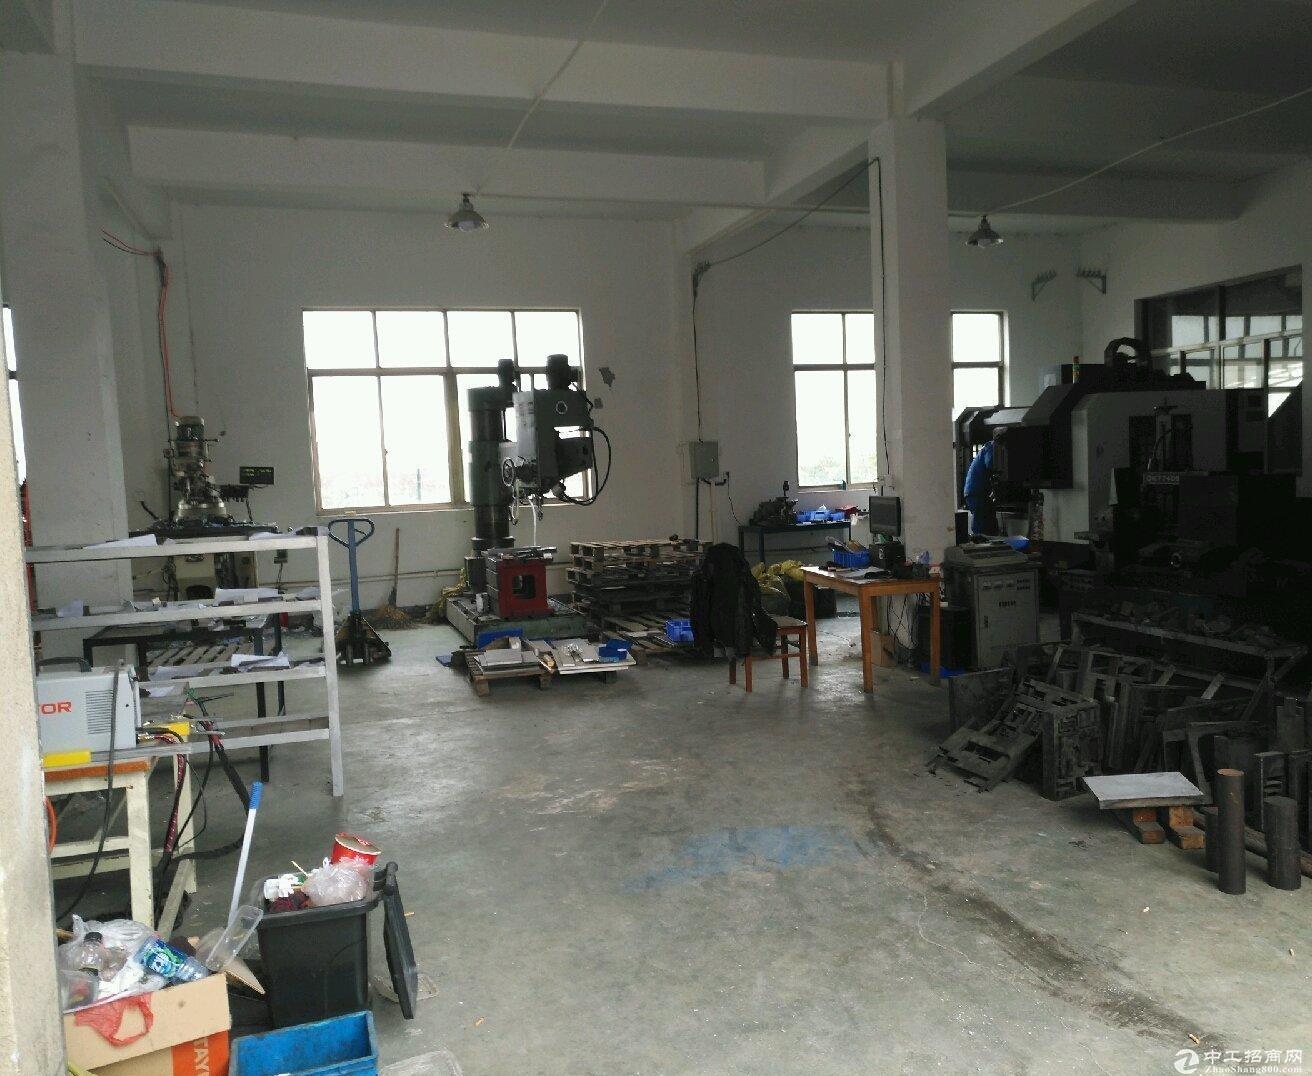 龙东大道川沙路厂房3000平仓库出租行业不限 各类加工 仓储